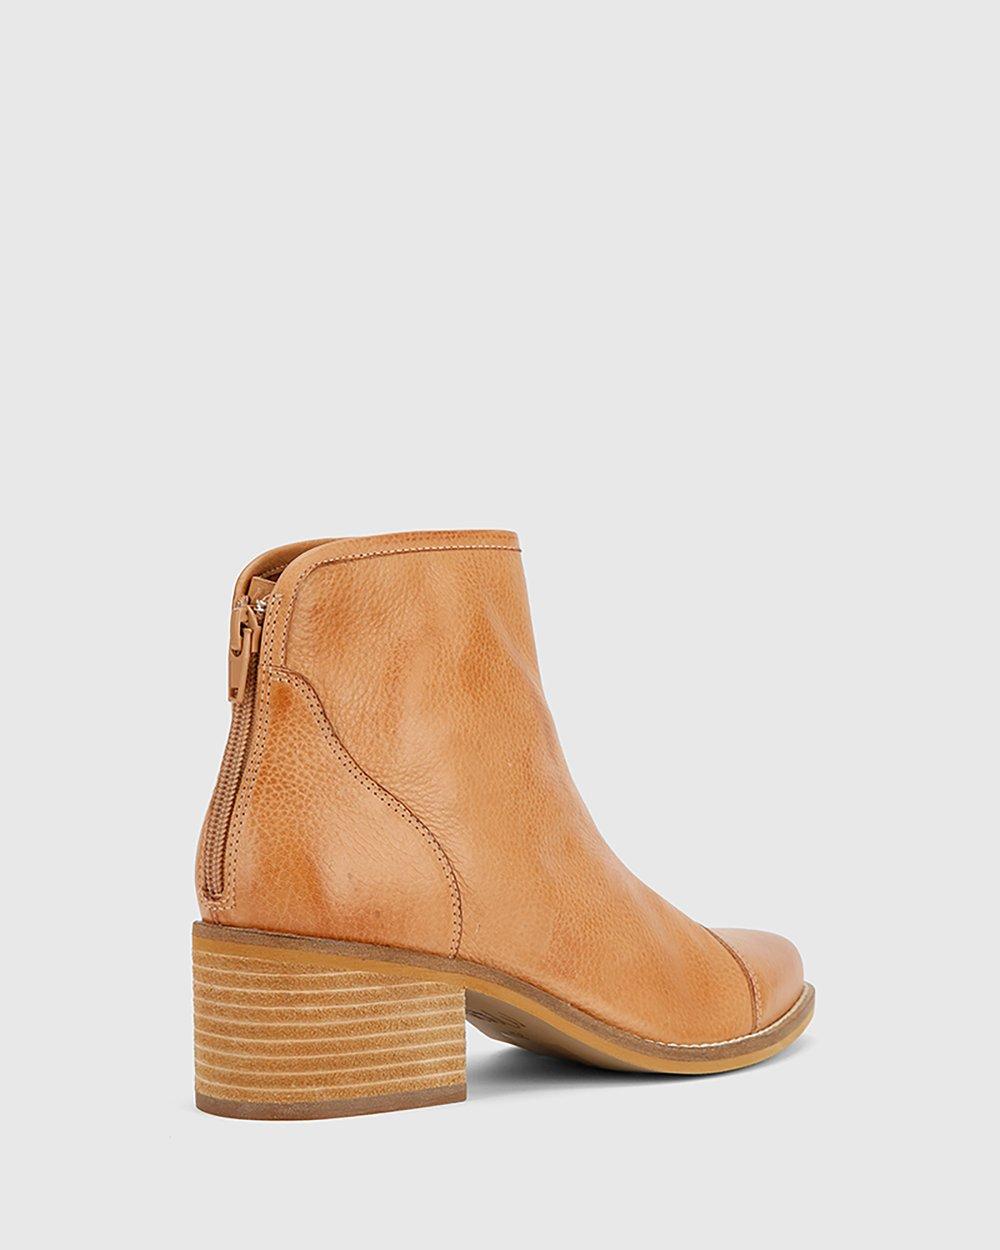 cc6af0744694 Jacey Block Heel Ankle Boots by Wittner Online